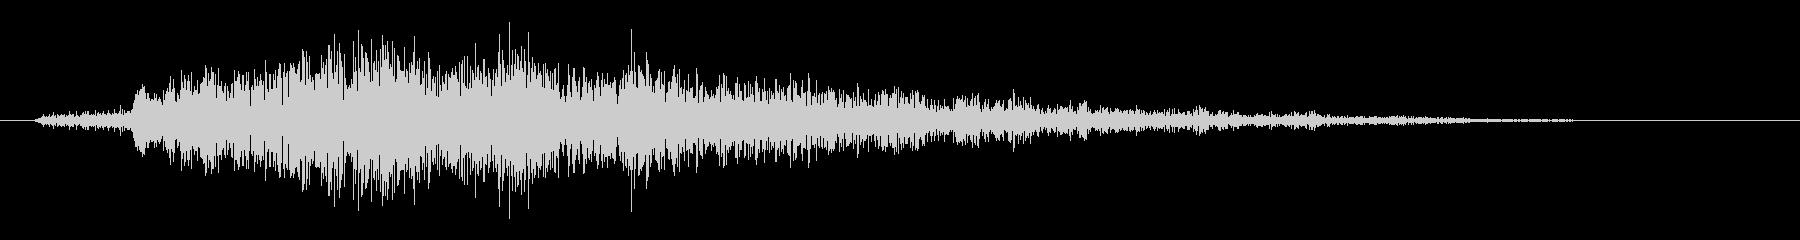 ポップアップ_決定音系_05の未再生の波形